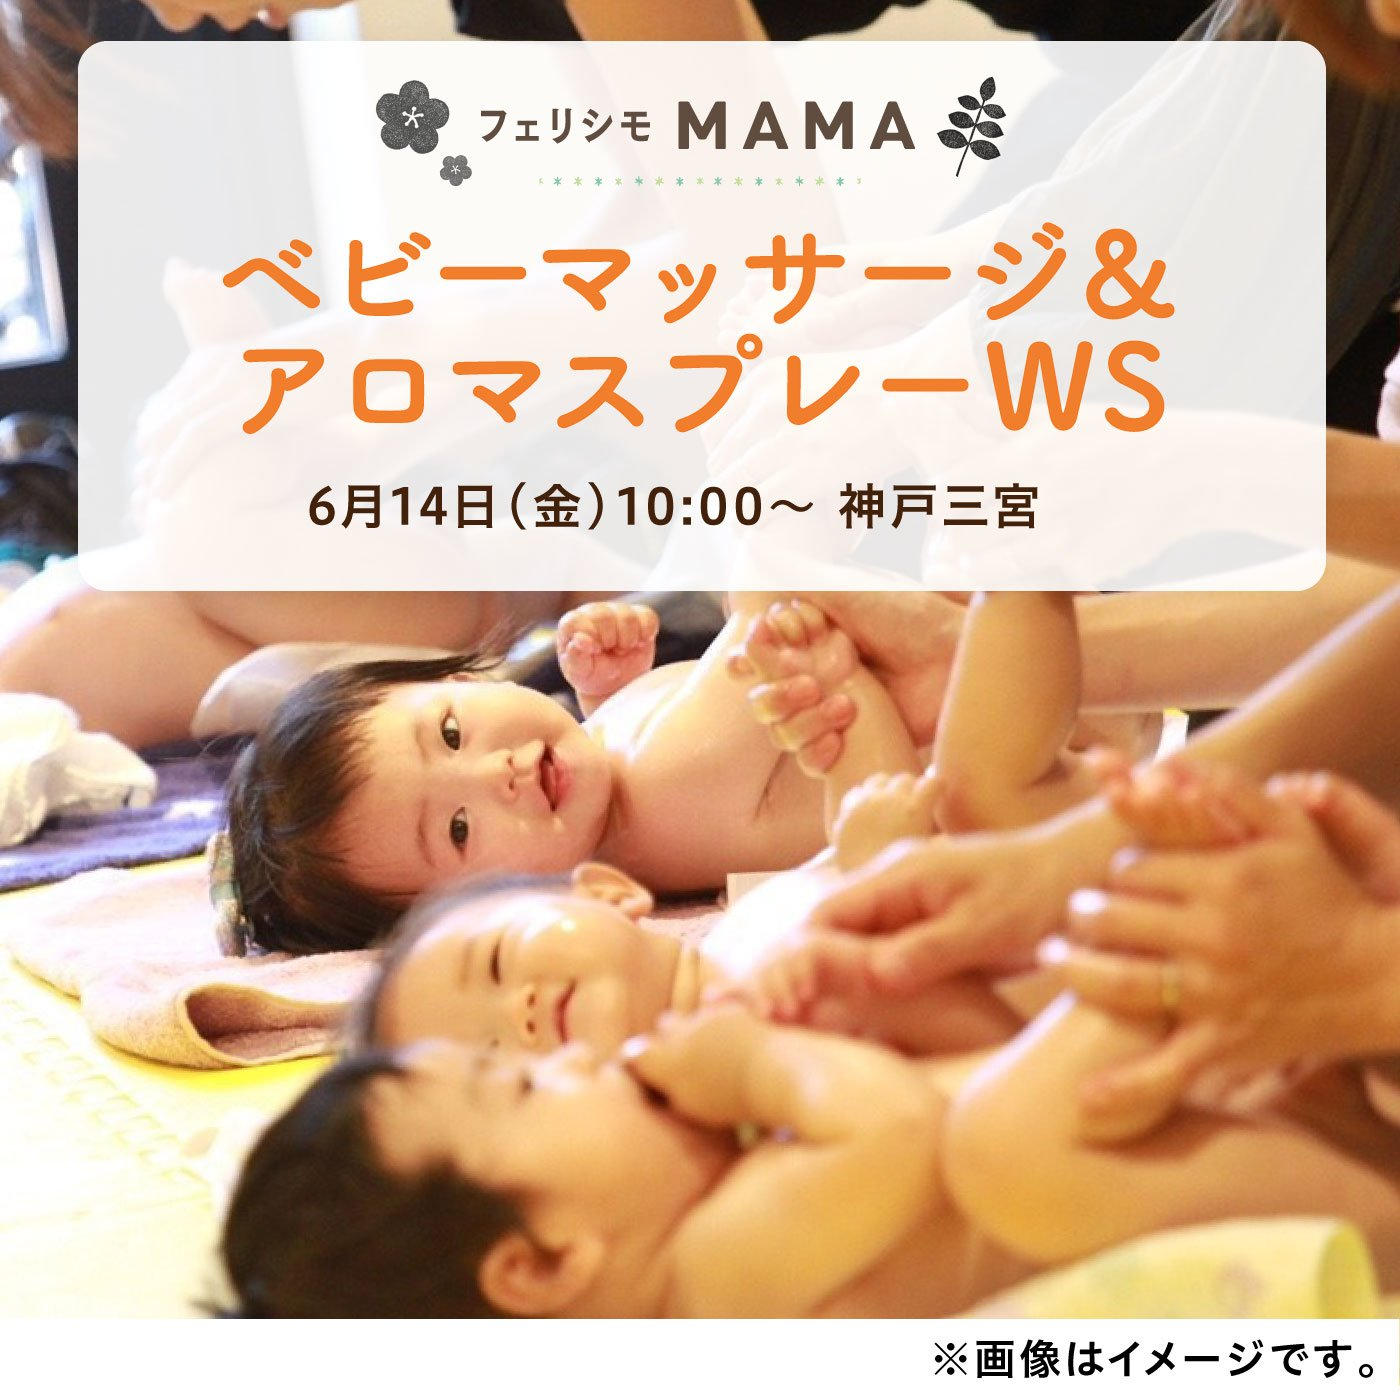 〈フェリシモMAMA〉2019年6月14日(金)ベビーマッサージ・アロマスプレーワークショップ&座談会